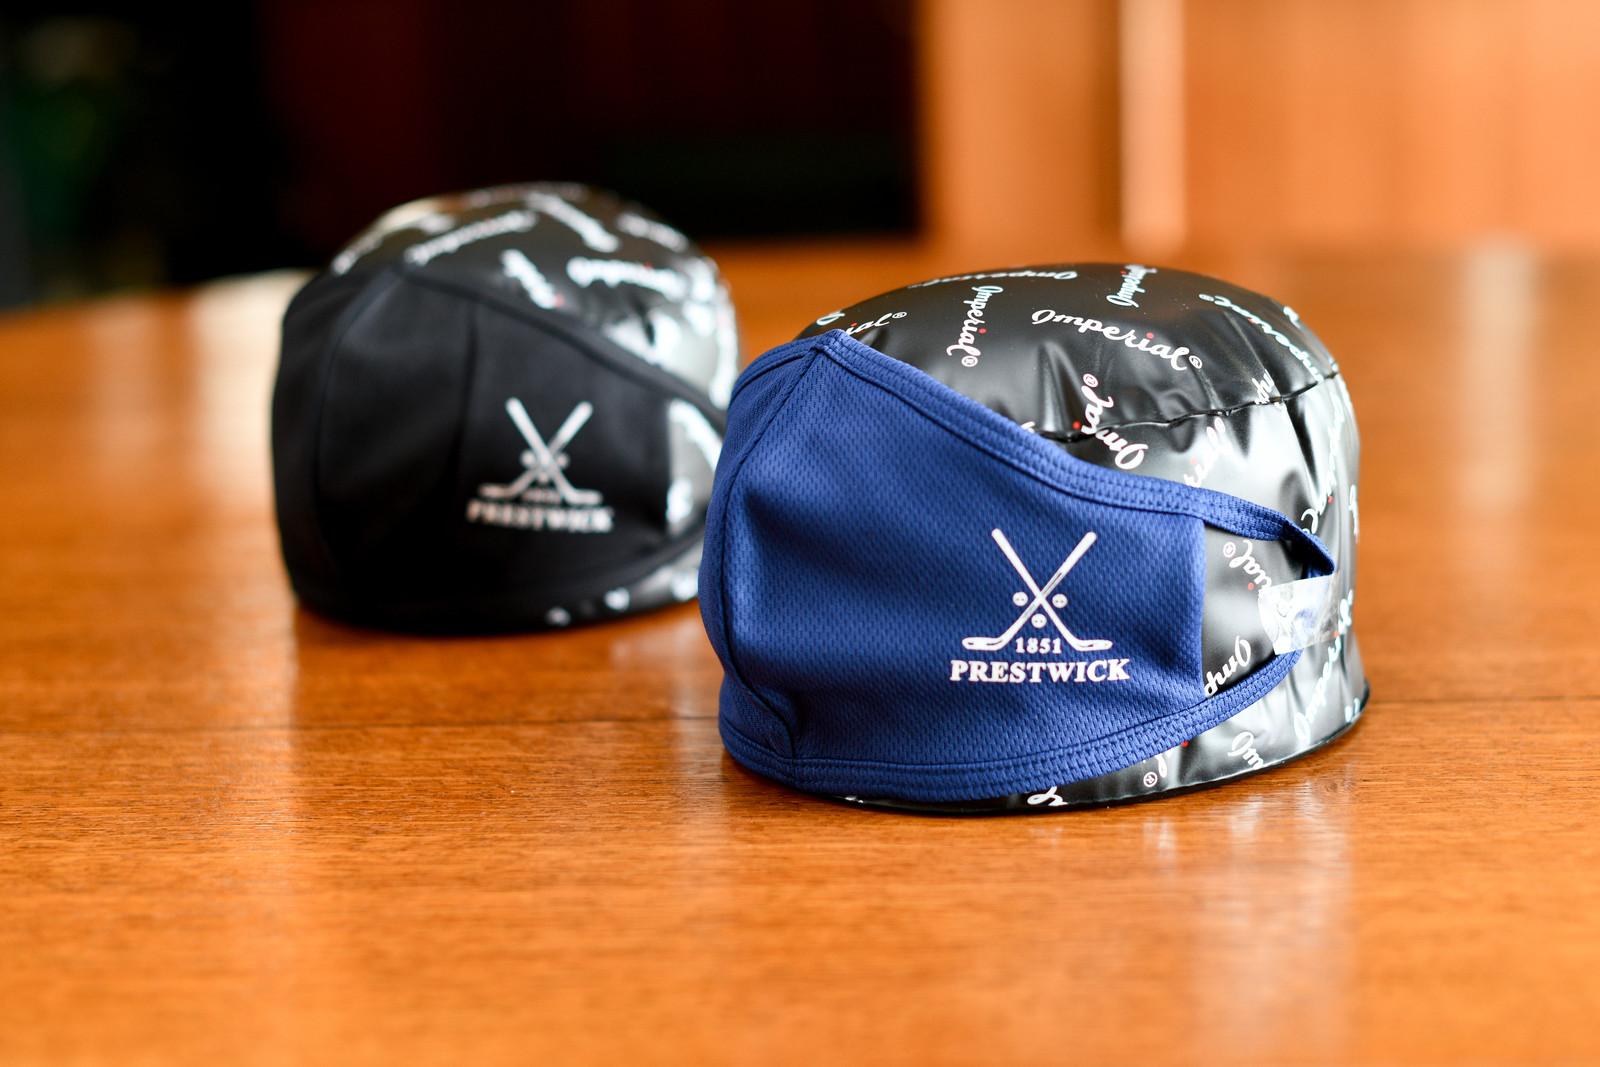 Prestwick Golf Club Face Mask